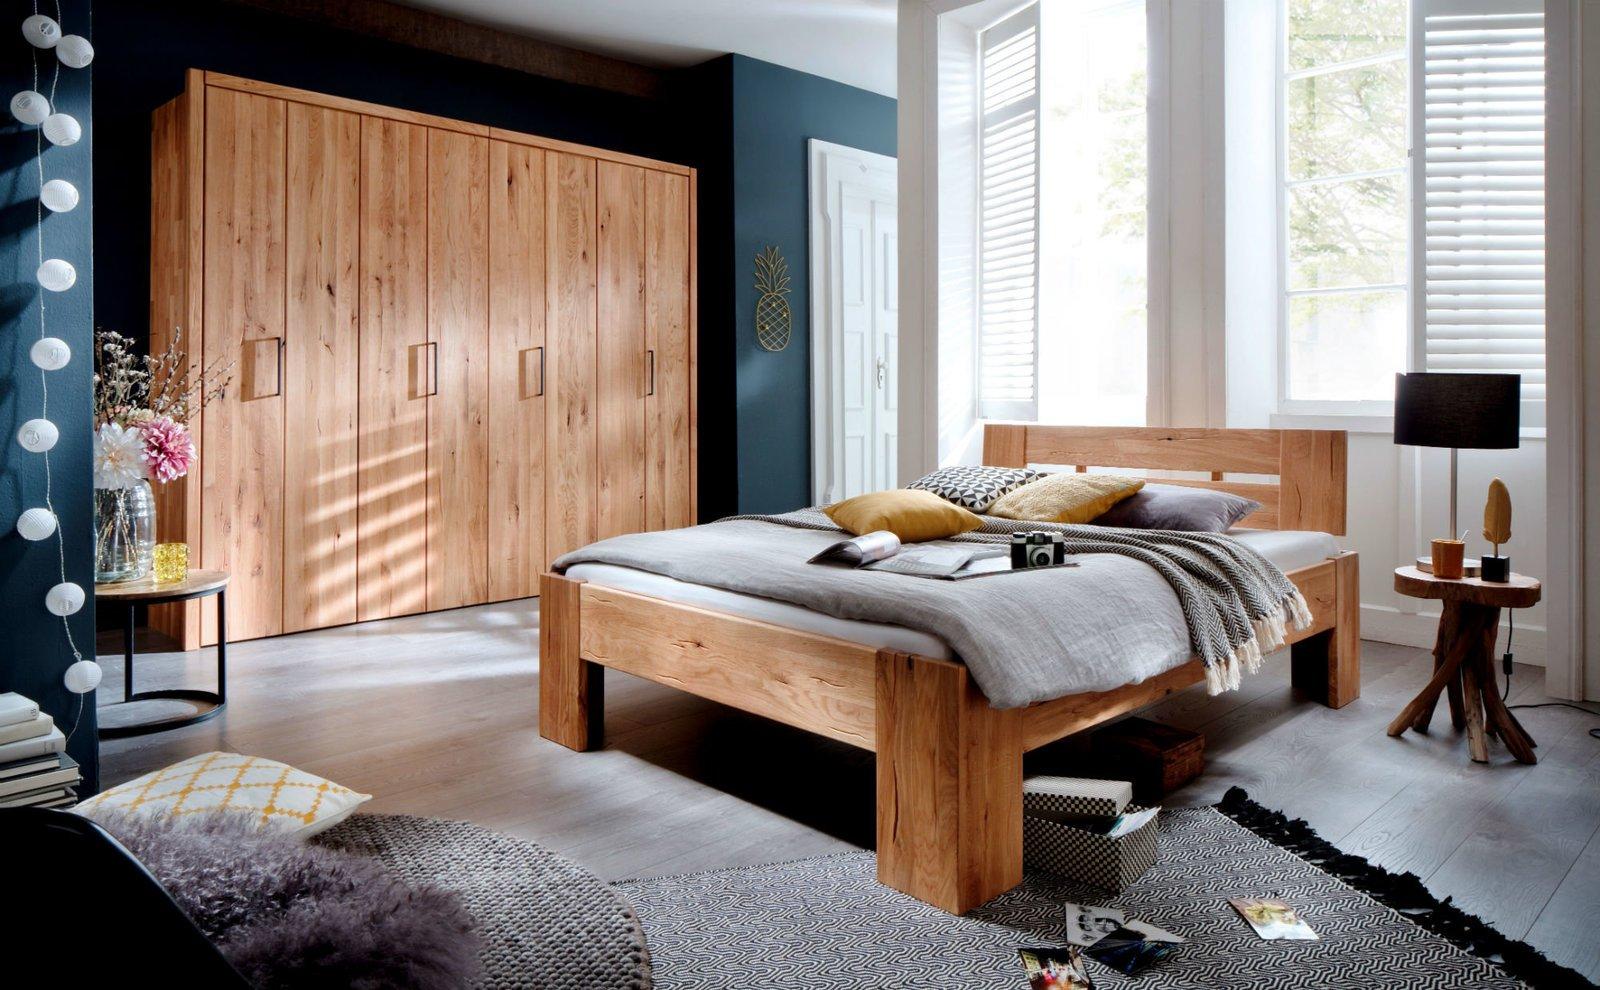 Schlafzimmer Doppelbett Wildeiche Massivholz Rödemis III, Bild 3